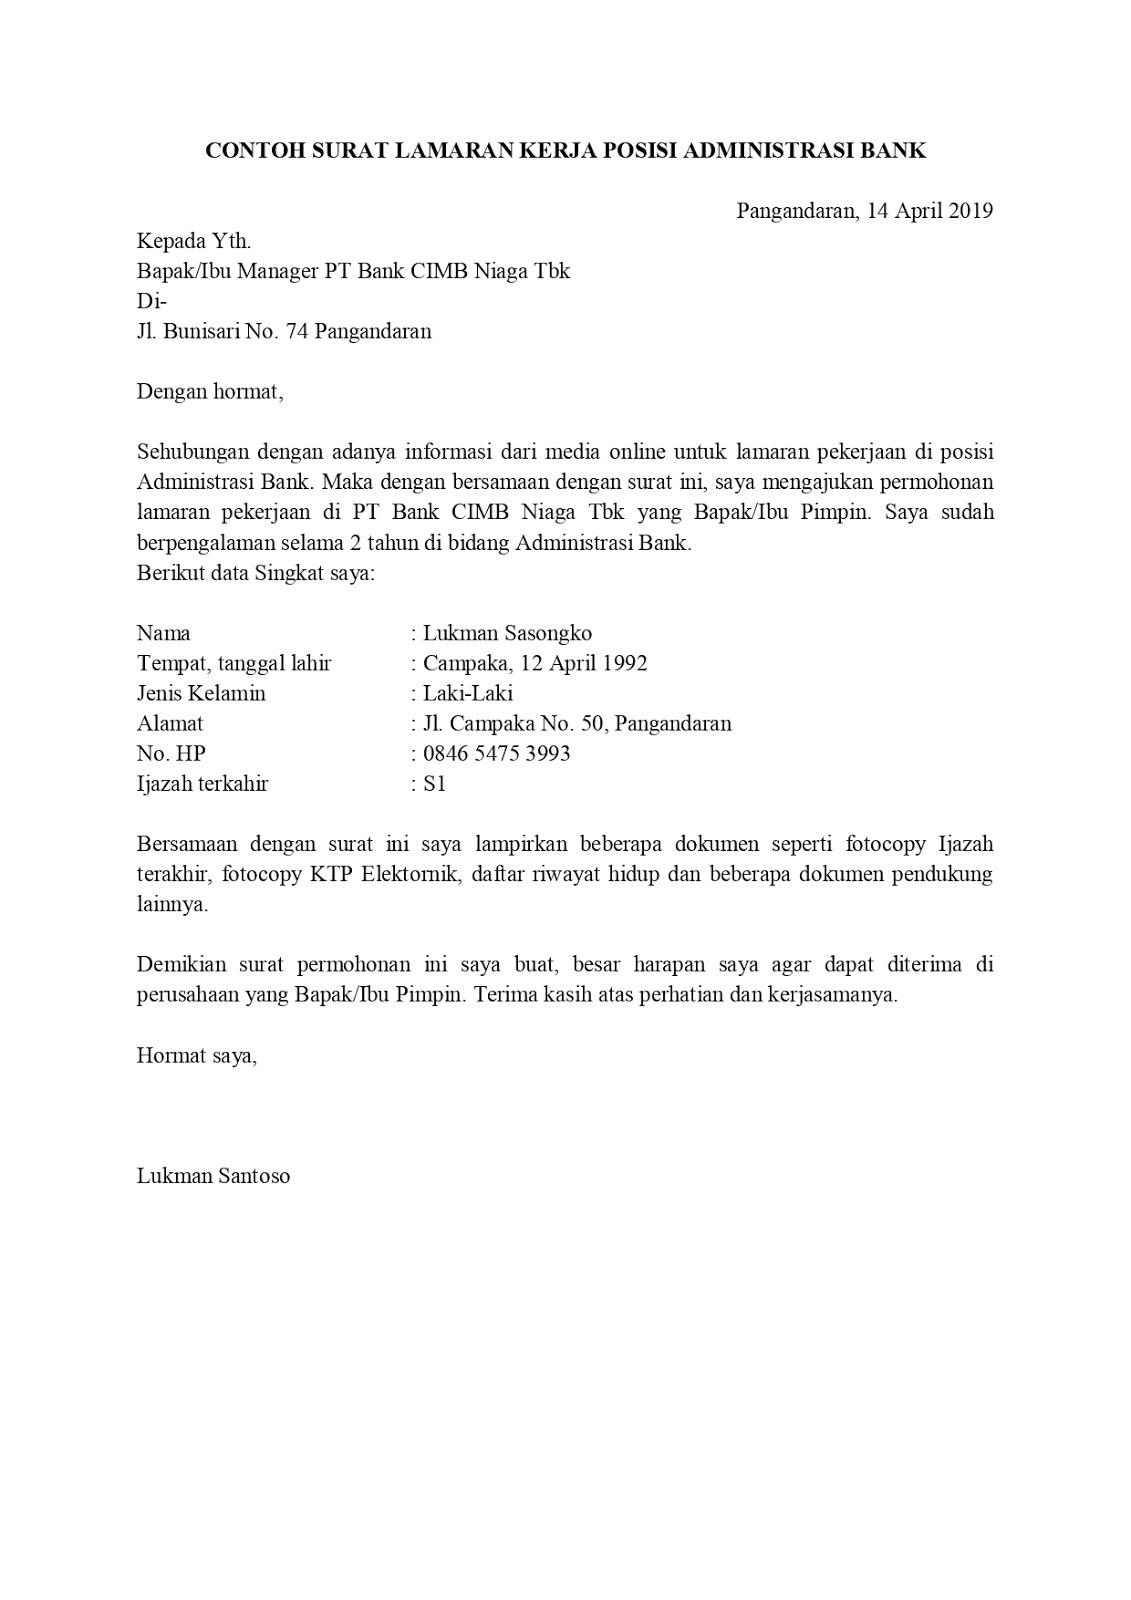 Contoh Surat Lamaran Kerja Untuk Bank Tanpakoma